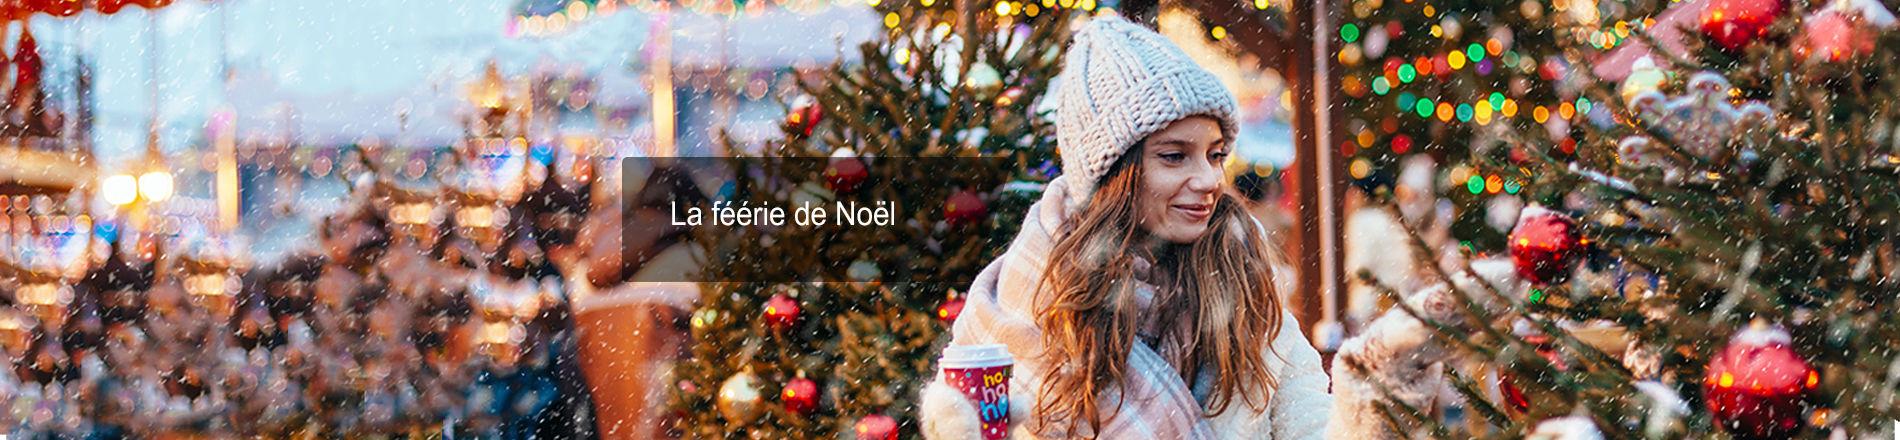 La féérie de Noël en France et en Europe